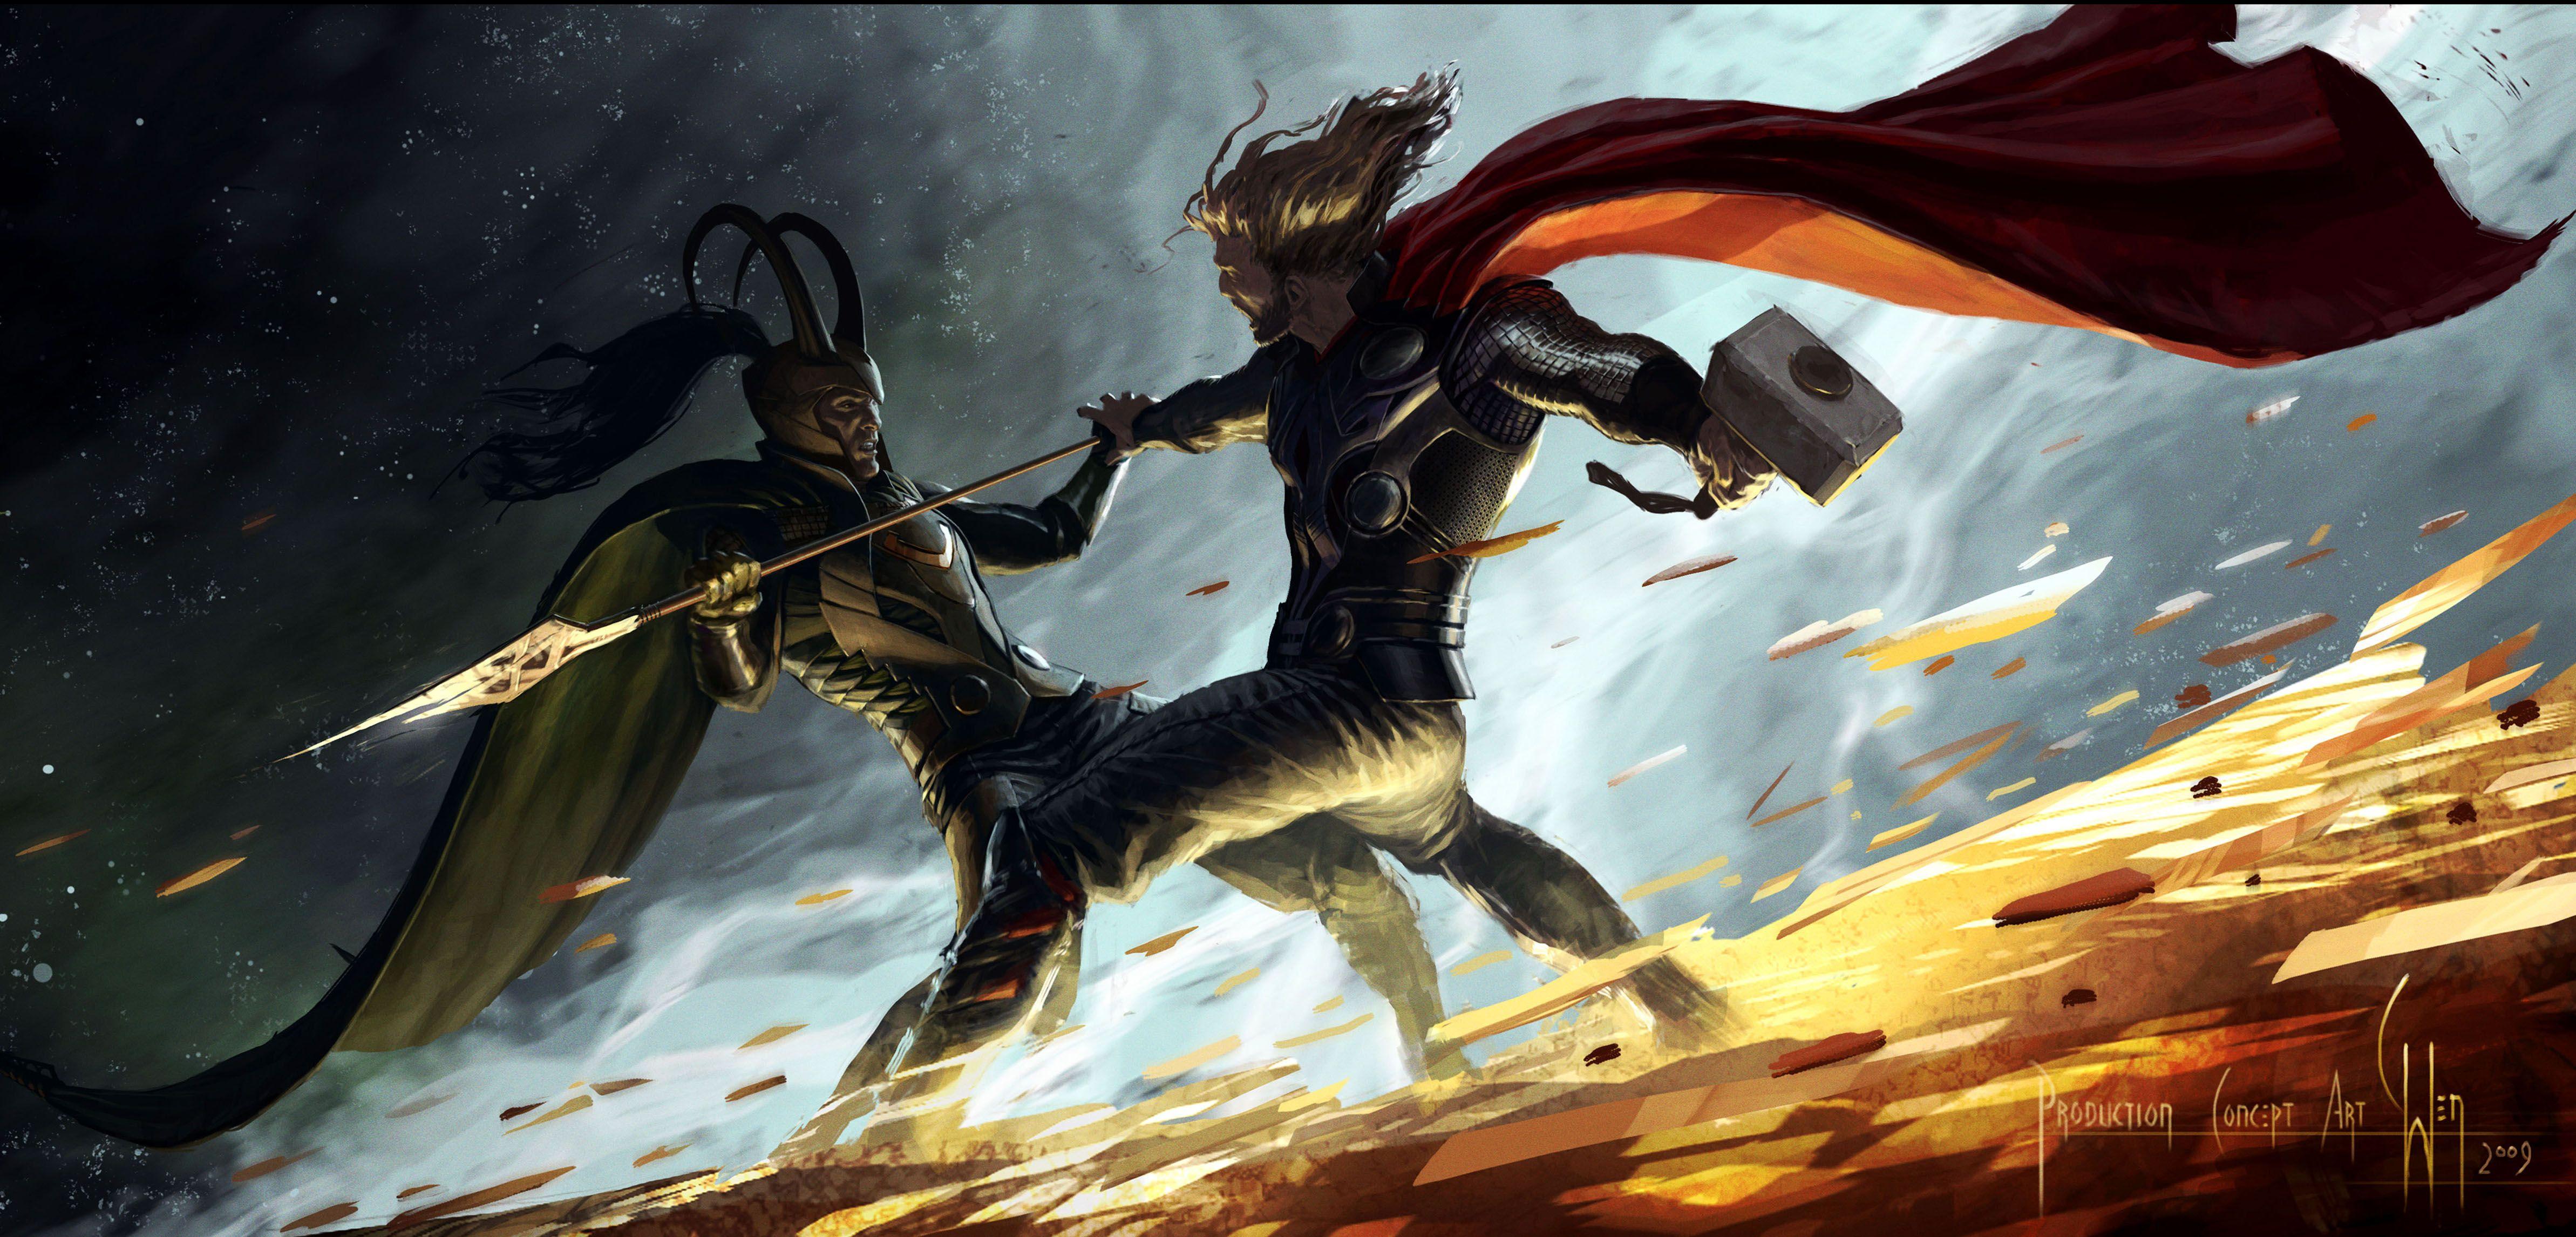 MCU's Best Siblings: 4 Reasons Why Thor & Loki Are MCU's Best Siblings